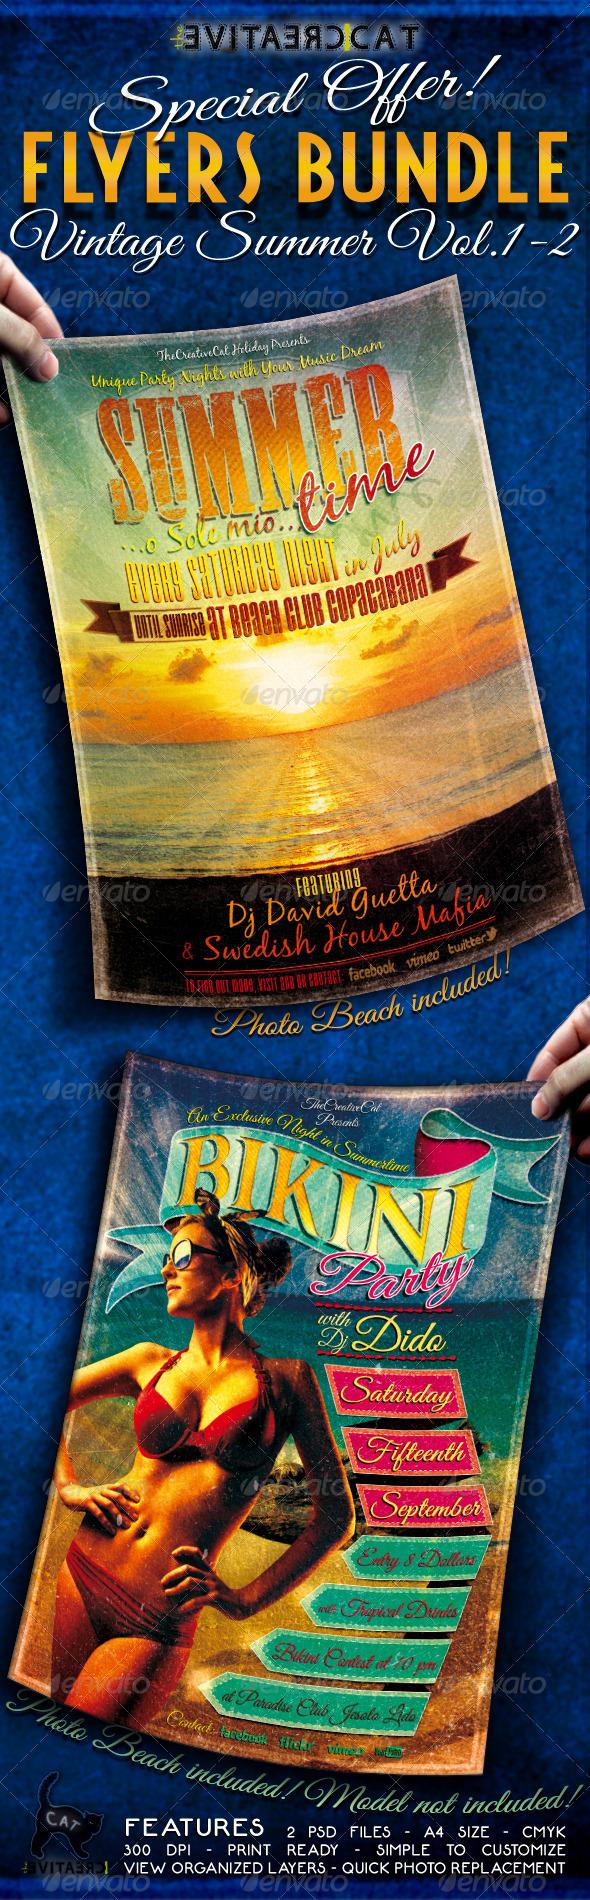 GraphicRiver Vintage Summer Flyer Poster Bundle Vol 1-2 5288038